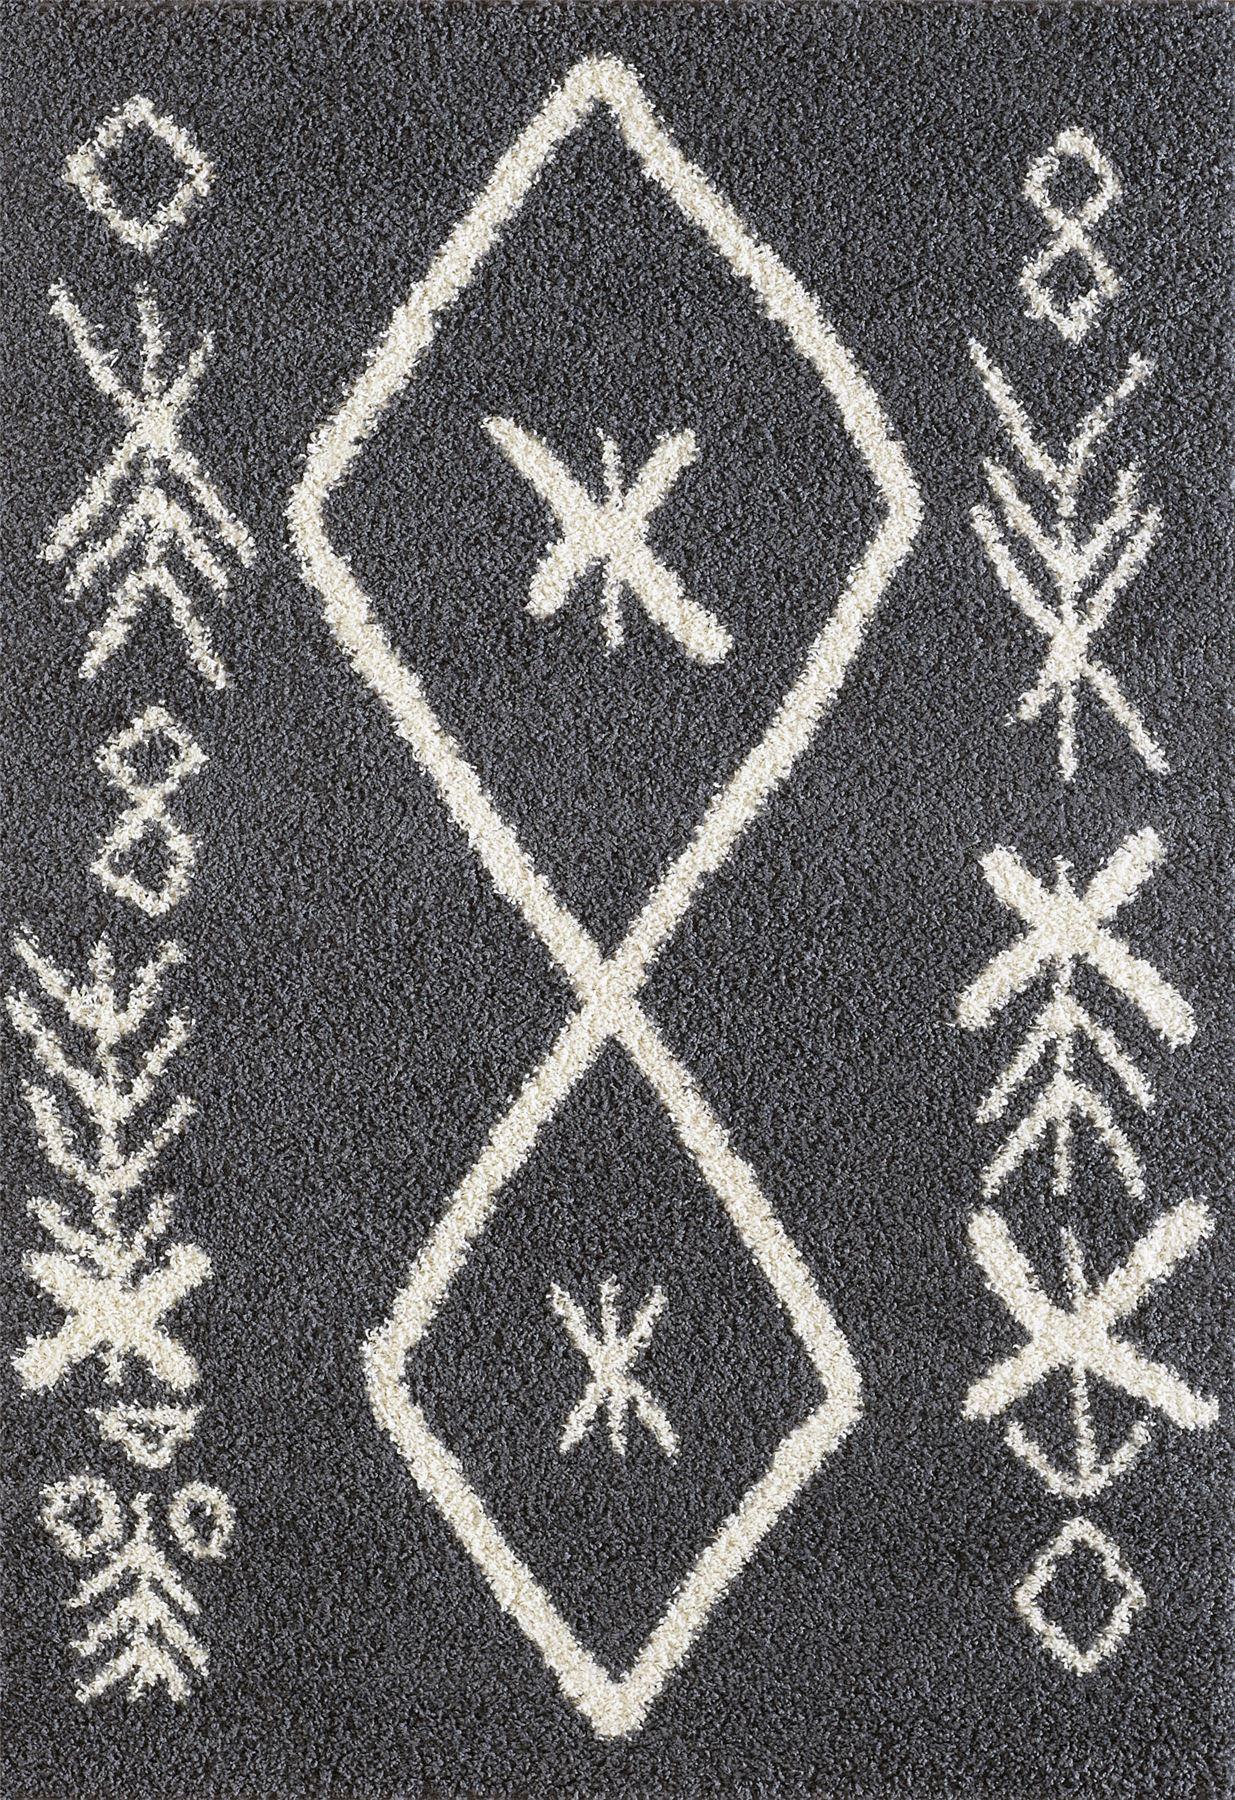 A2Z-Tappeto-Grande-Nero-Bianco-Grigio-Crema-Shaggy-tradizionale-Marocchino-Tribal-3cm-Pile miniatura 10